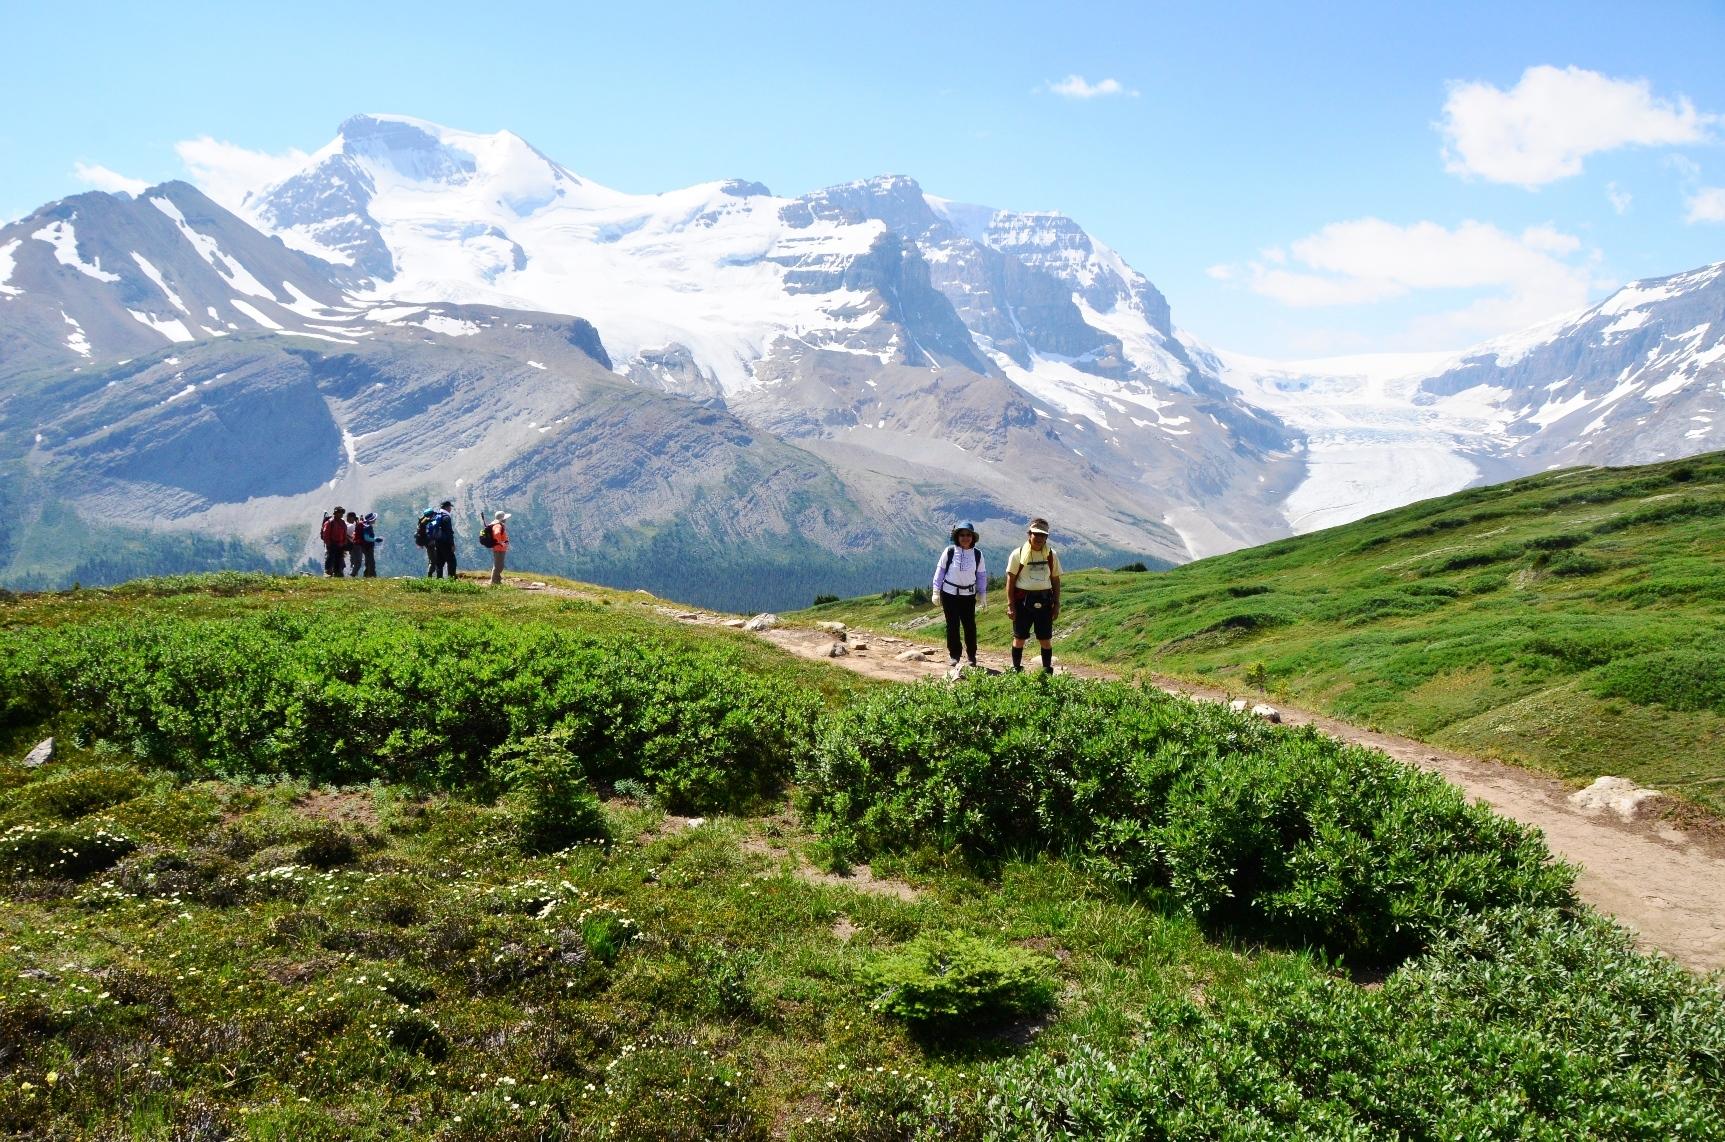 アサバスカ氷河と迫力の山々の展望が広がるウィルコックスメドウにて(4日目)